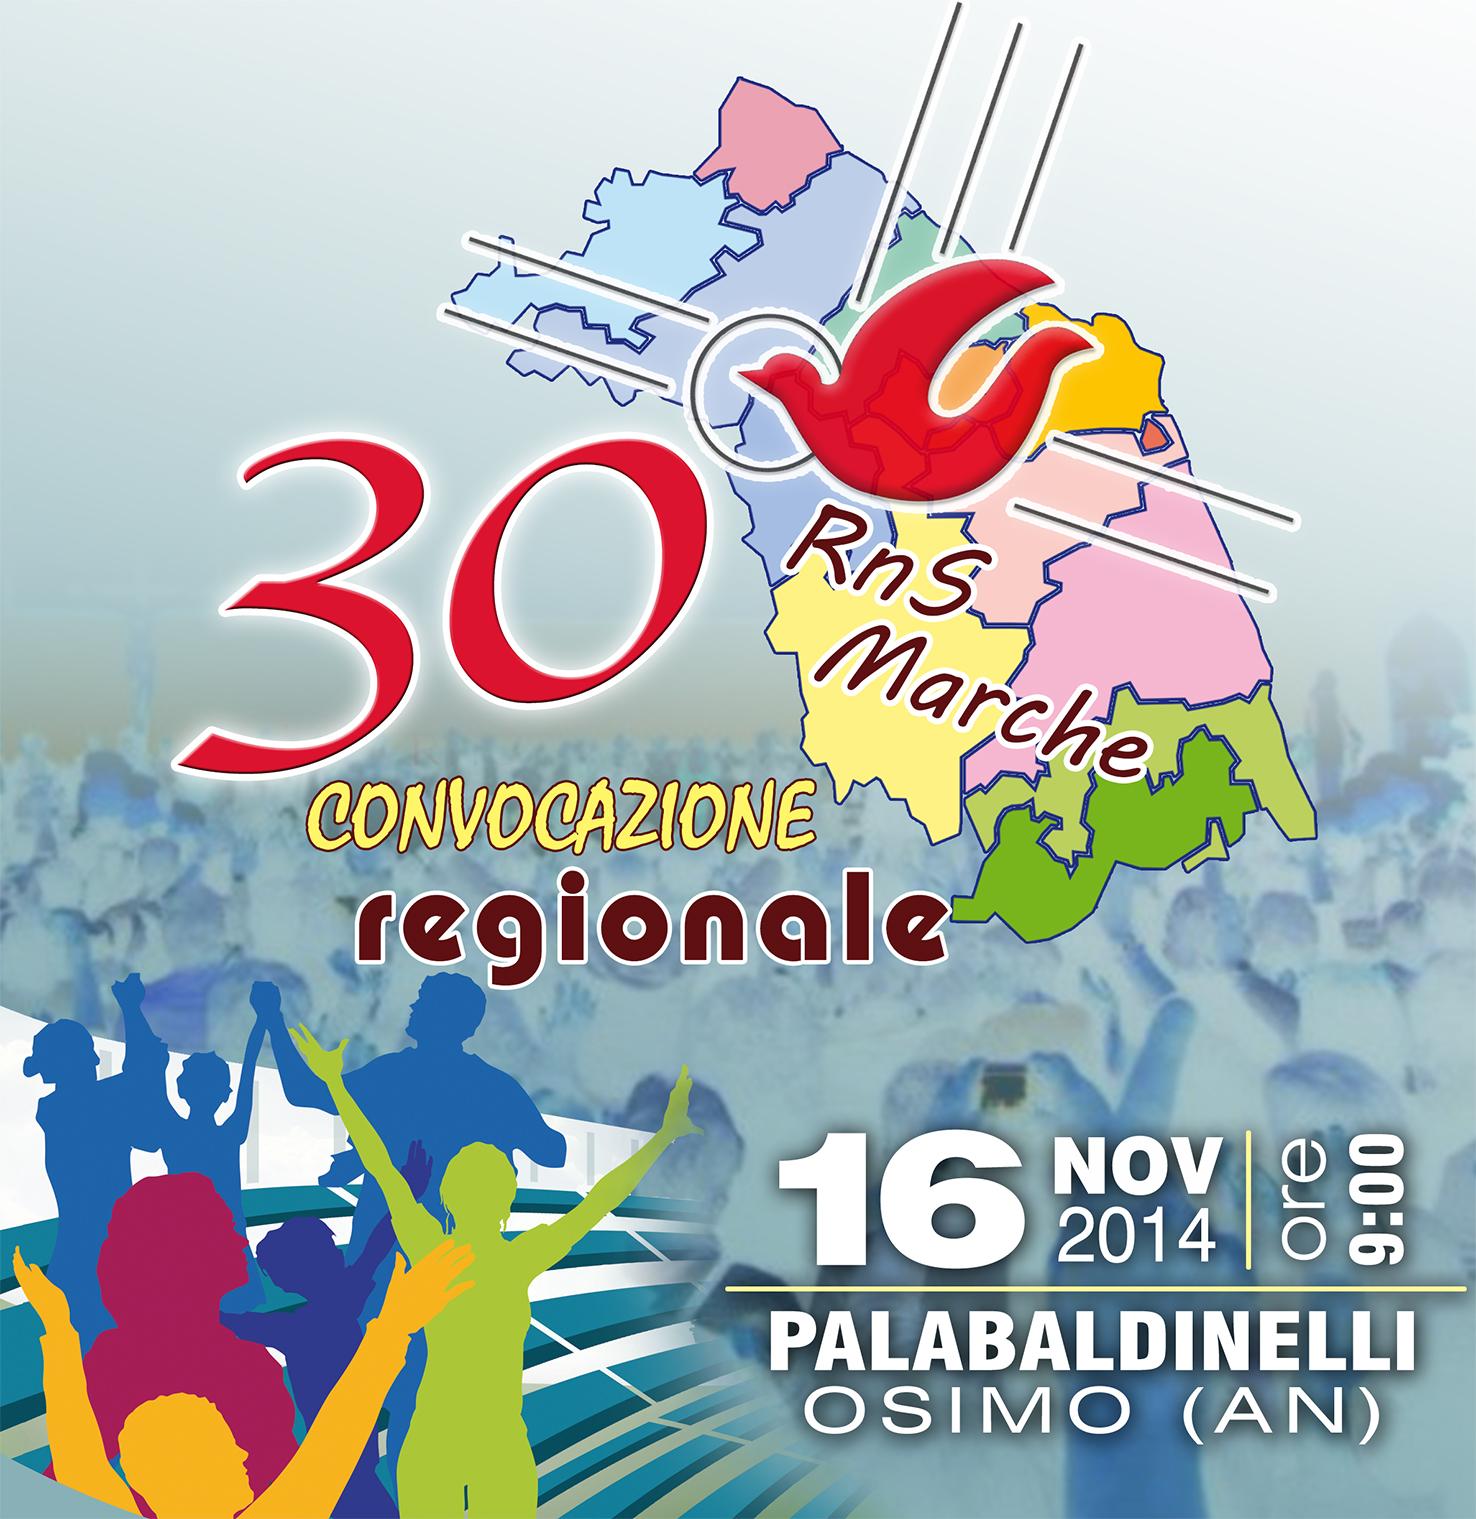 preview convocazione regionale